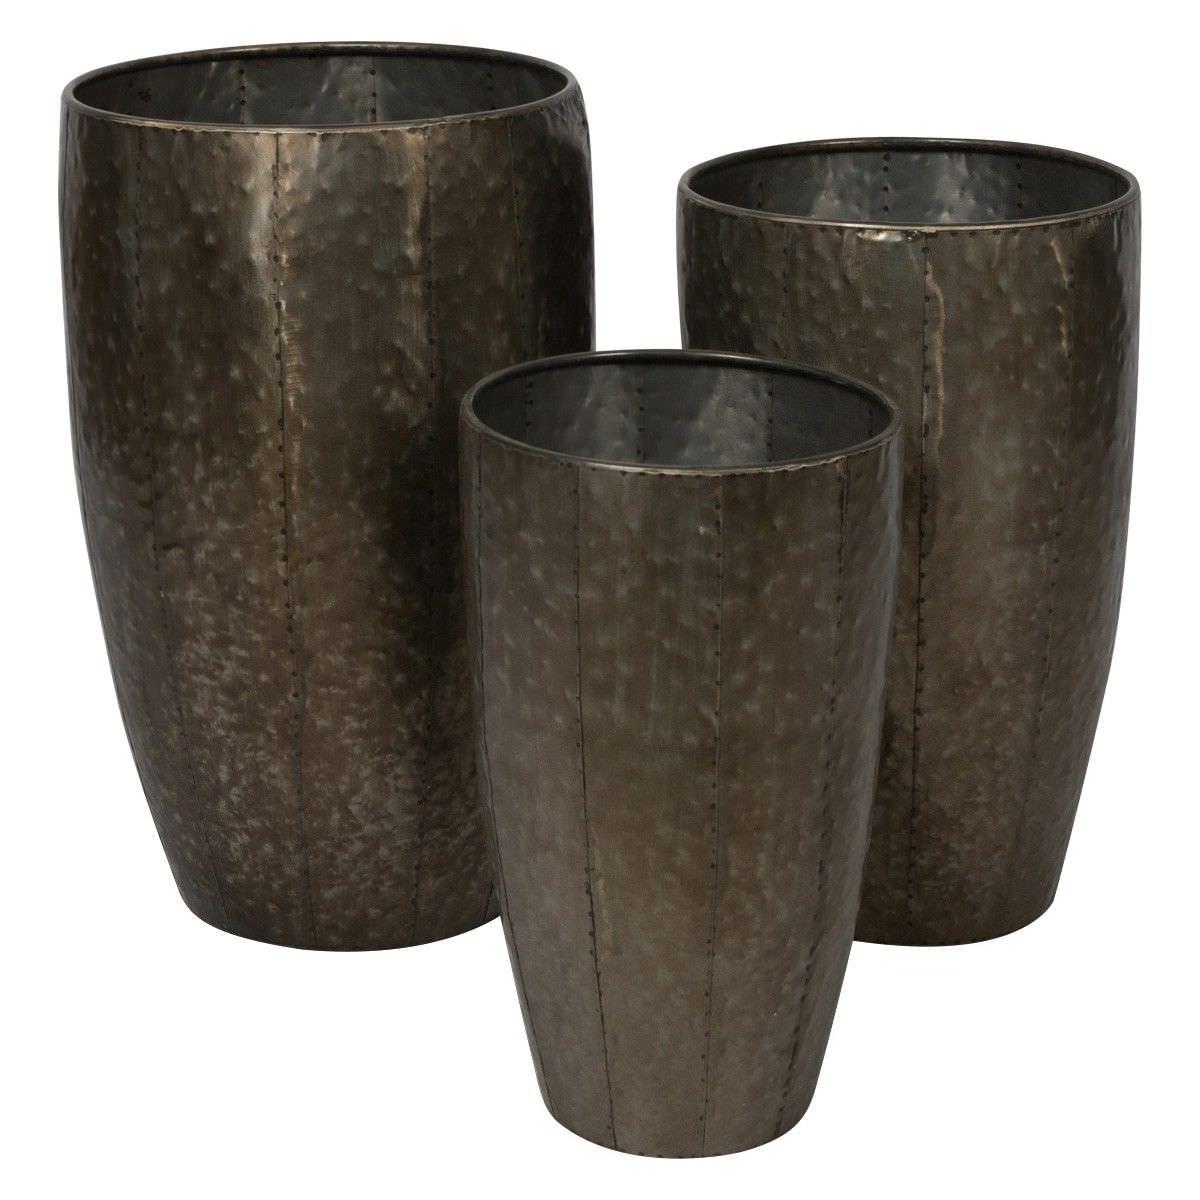 Calbina 3 Piece Metal Planter Pot Set, Bronze